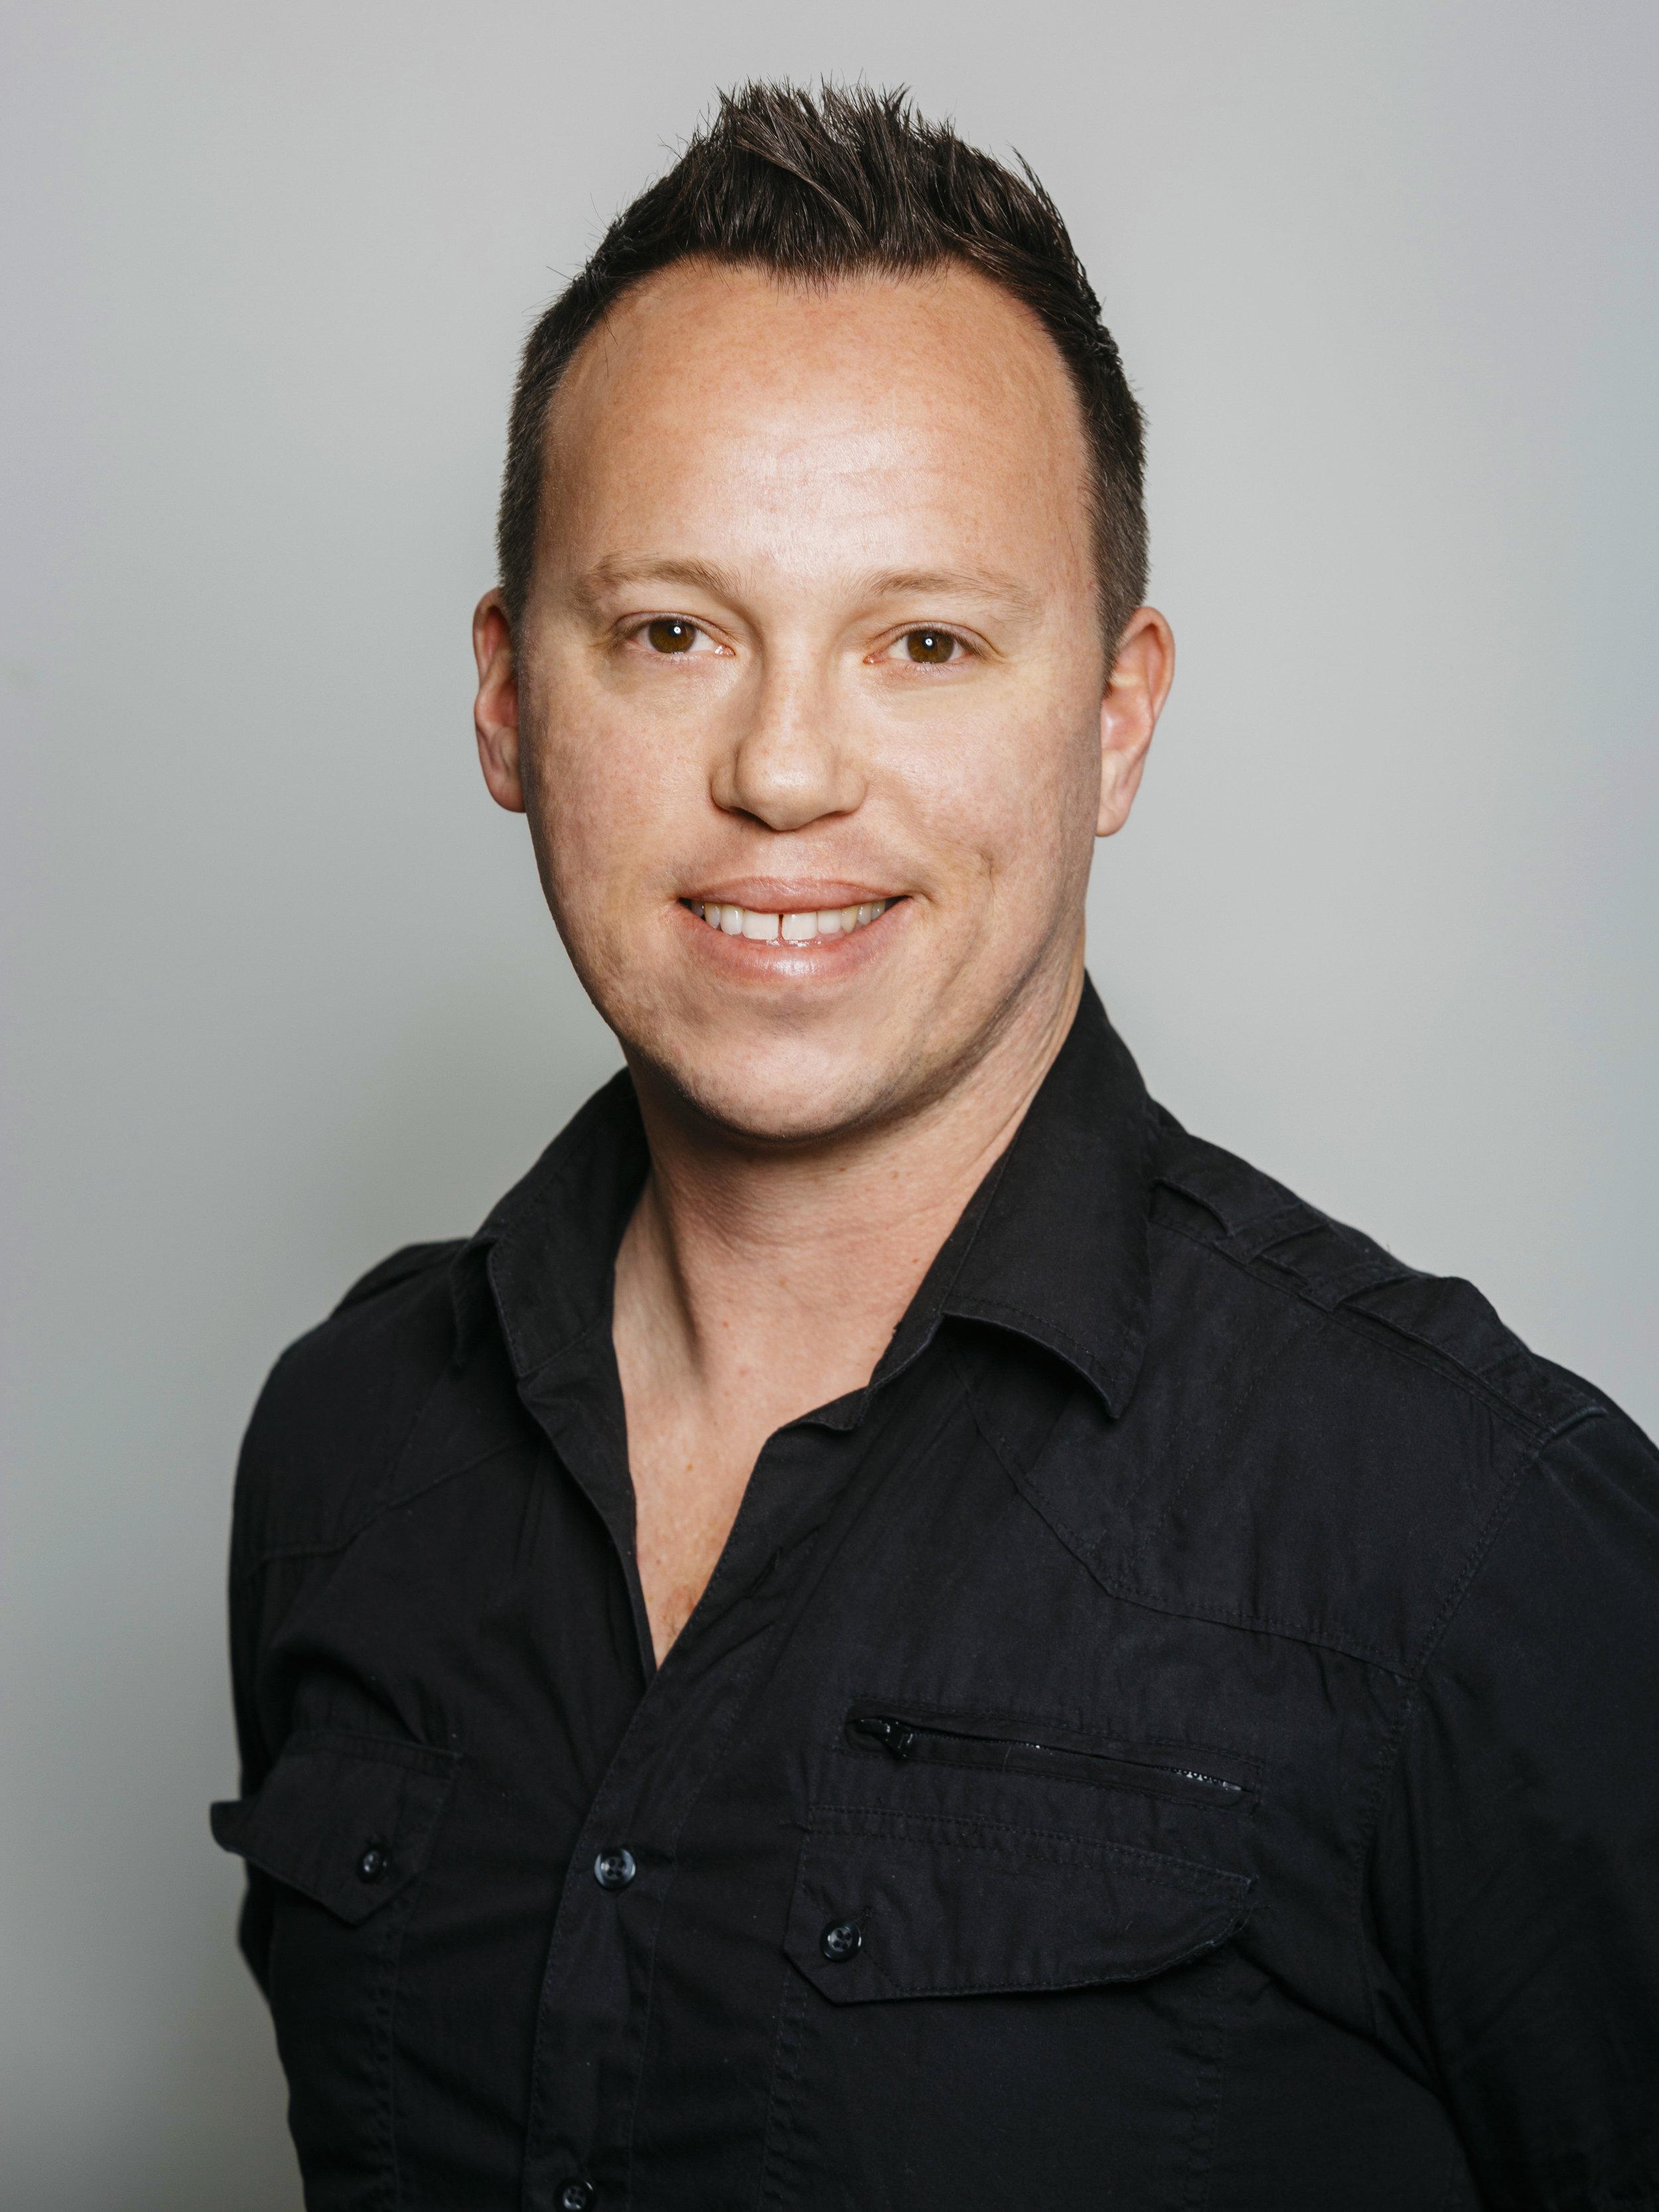 Mike George is the Kaiwhakahaere Whakapā Hononga (Communications and Partnerships Manager) for the Tūpuna Maunga Authority.